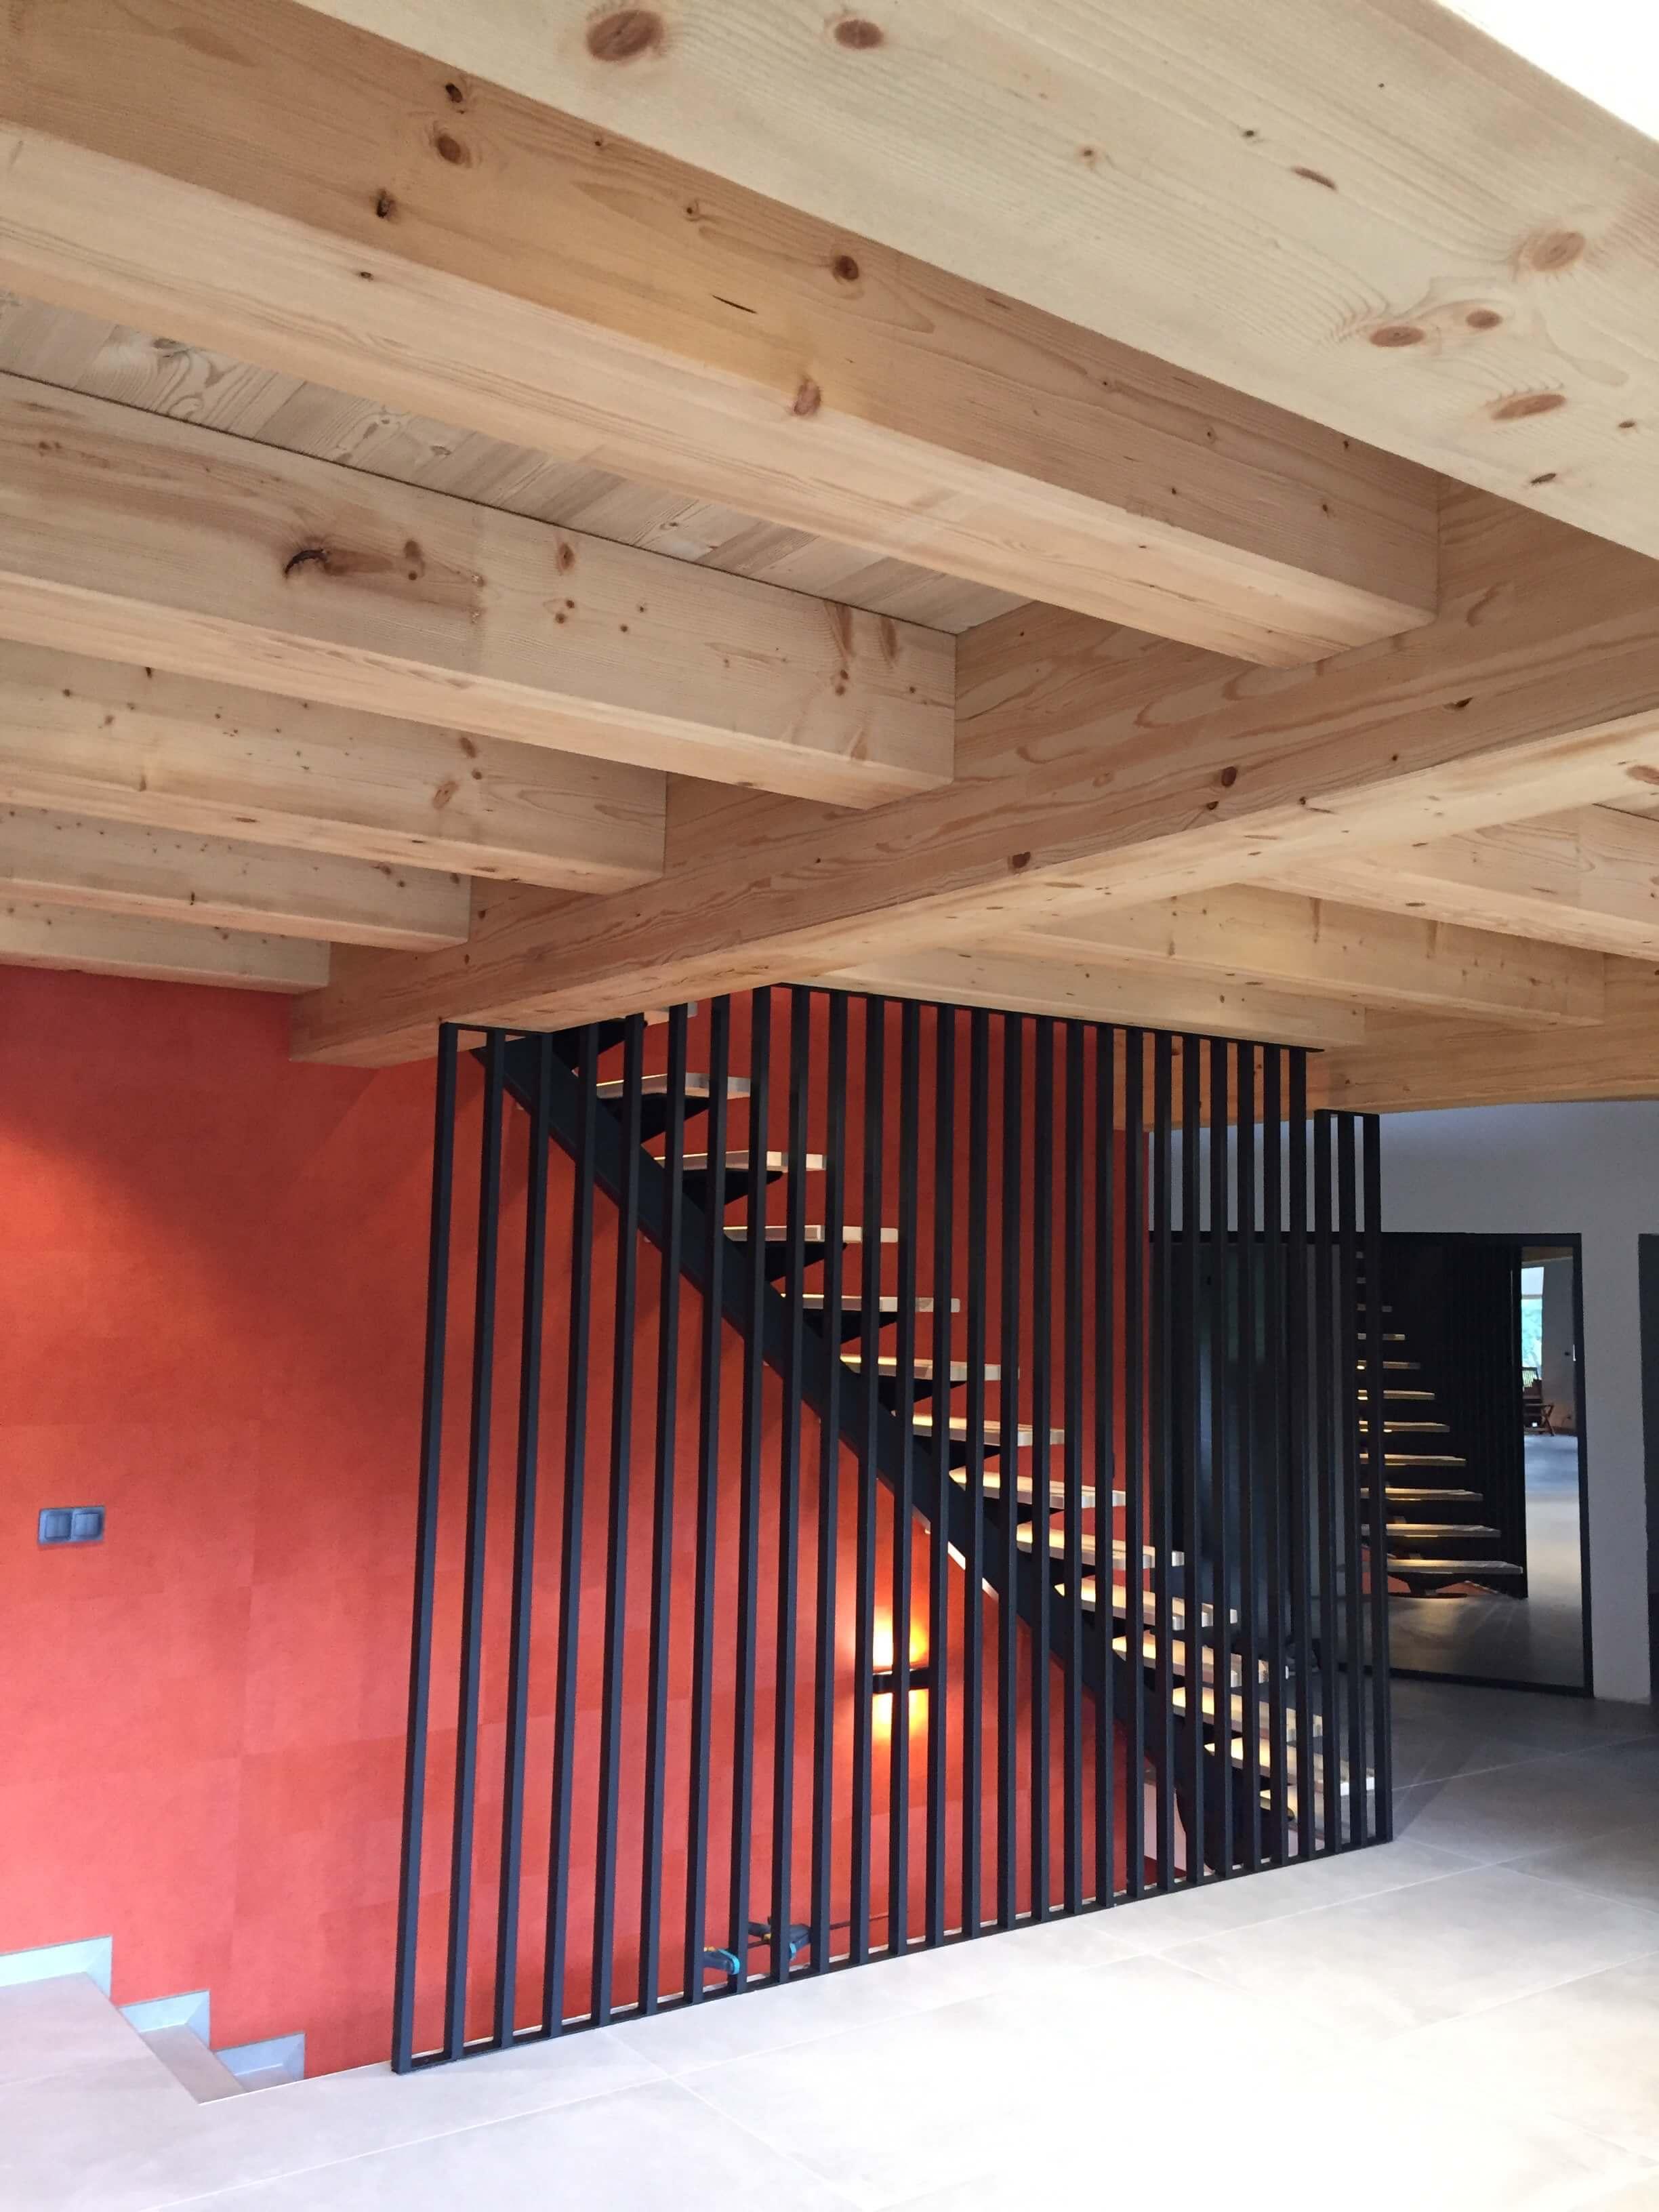 Robi design Métallique Annecy agencement intérieur verrière claustra Tarentaise 7322